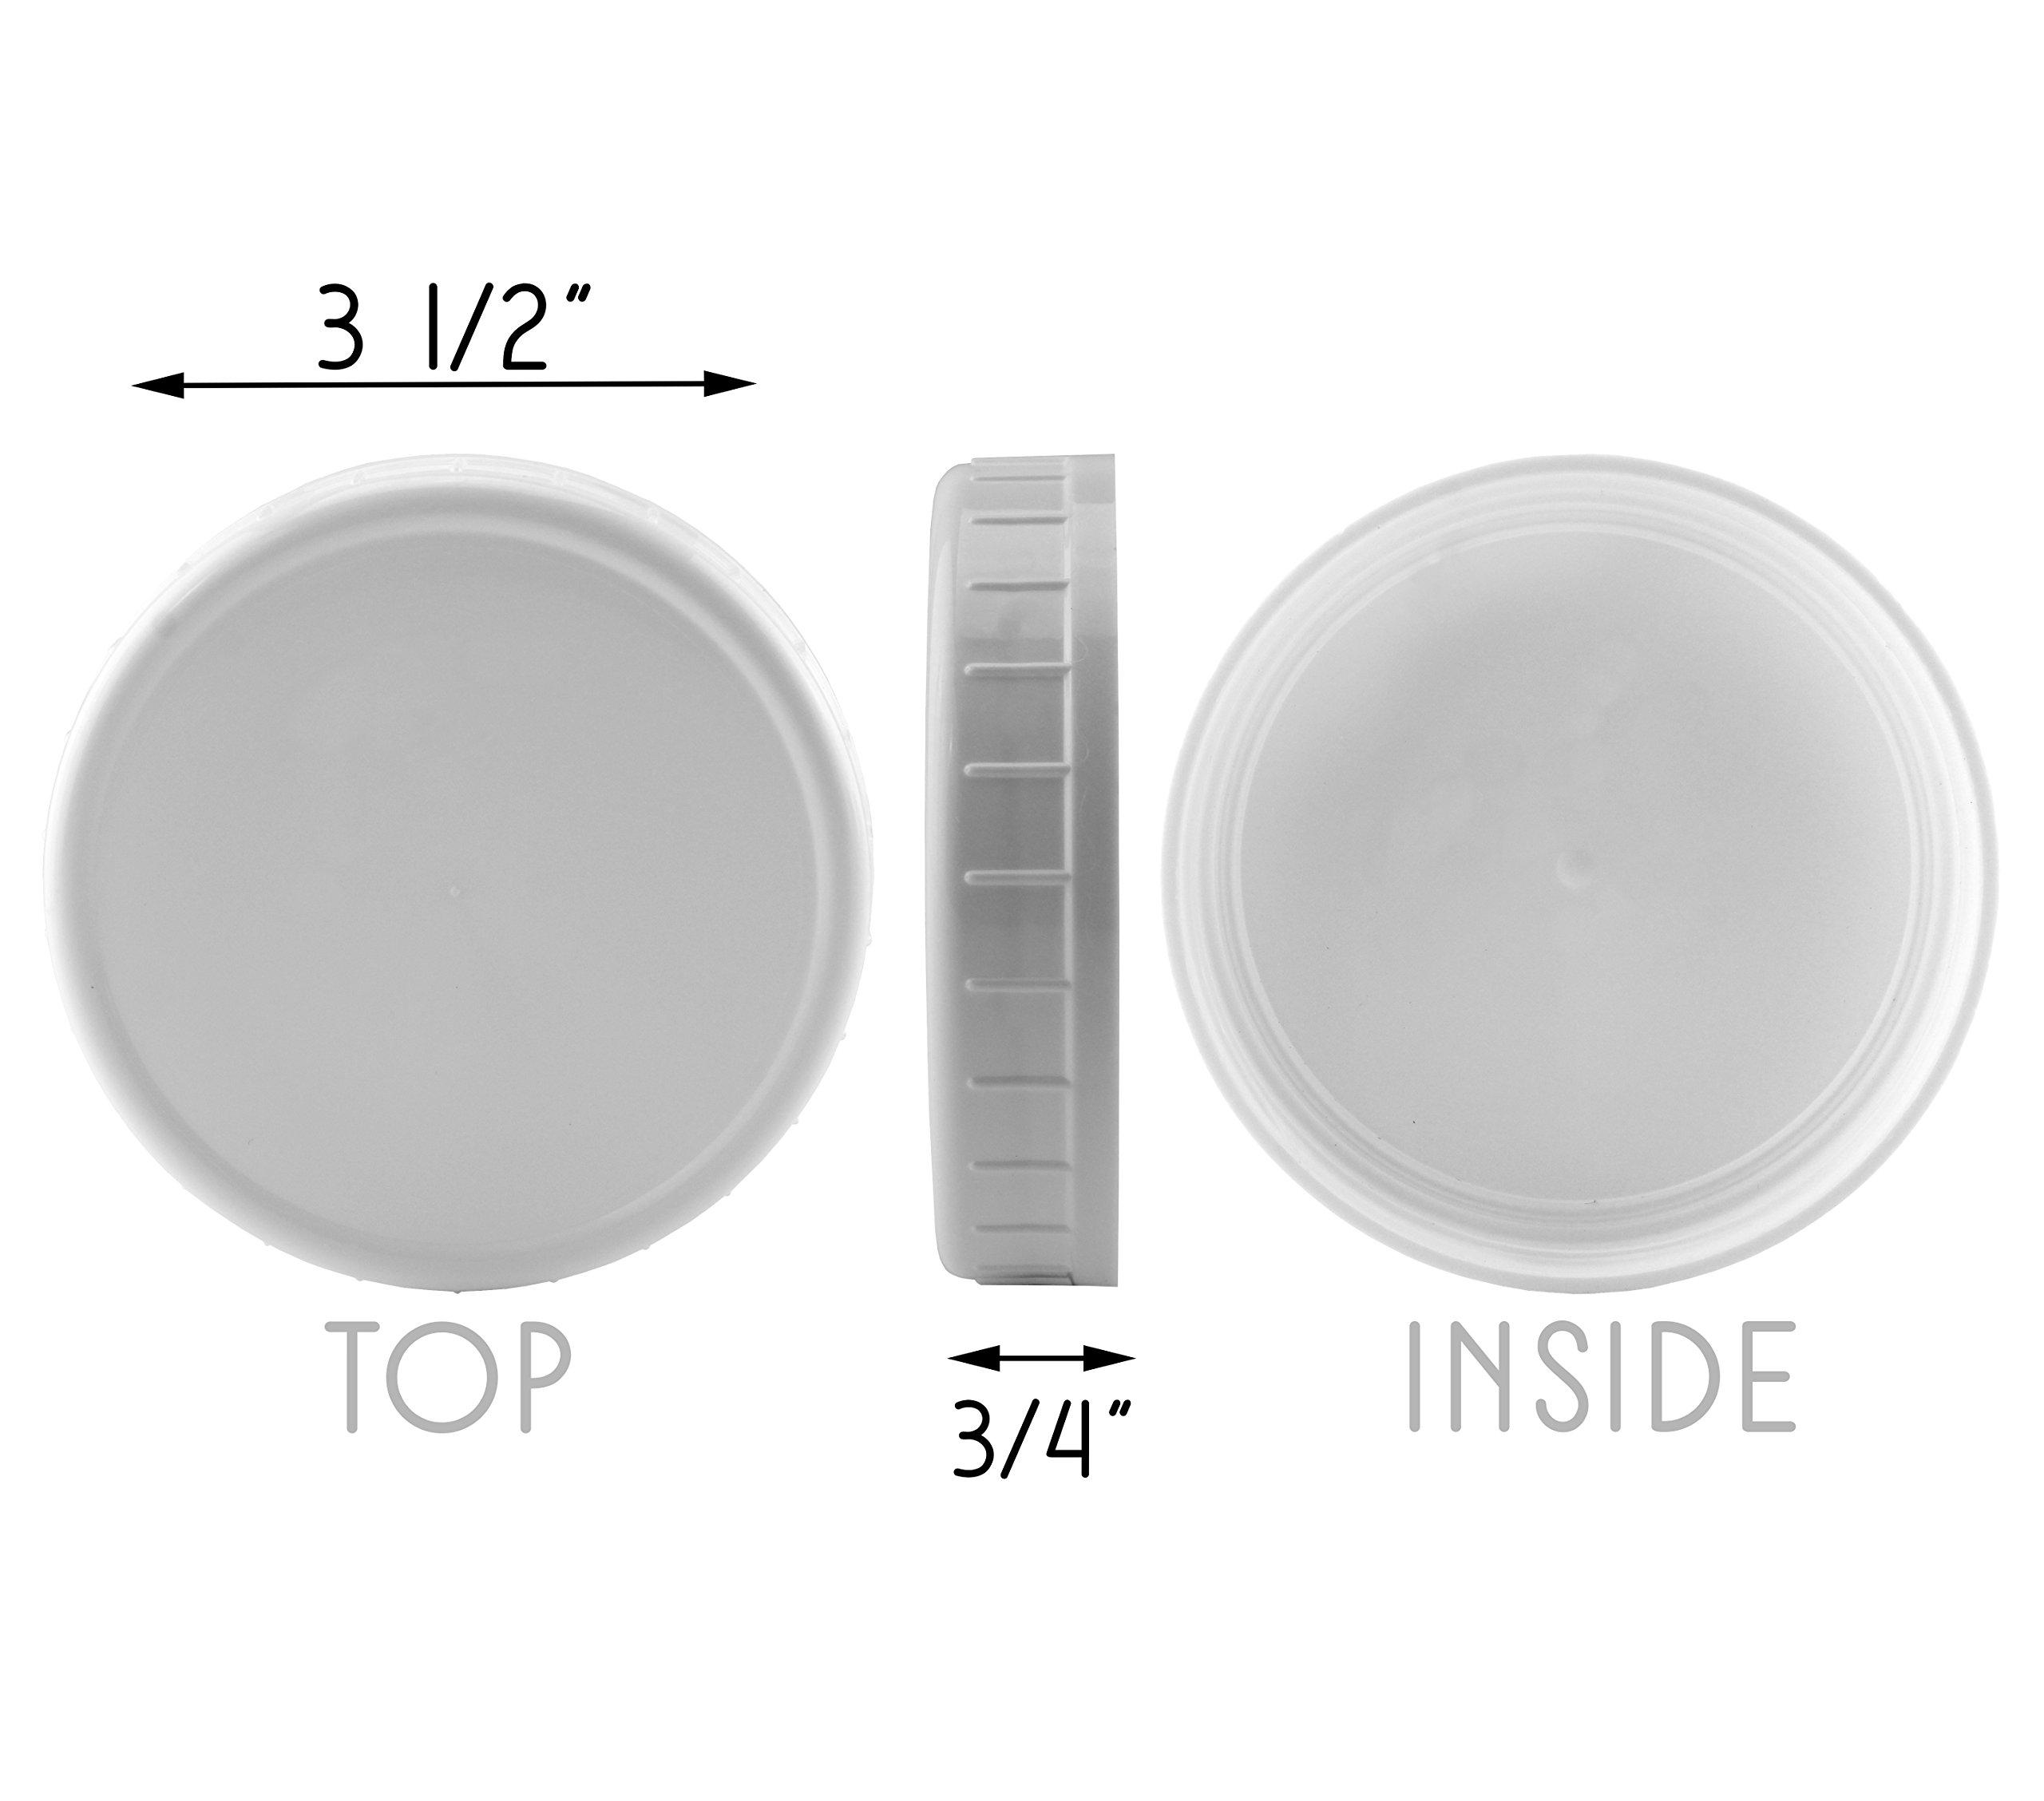 Two Dozen Wide Mouth Plastic Mason Jar Lids (24-Pack Bundle); 2 Dozen Unlined White Ribbed Lids, 86-450 Size by Cornucopia Brands (Image #3)